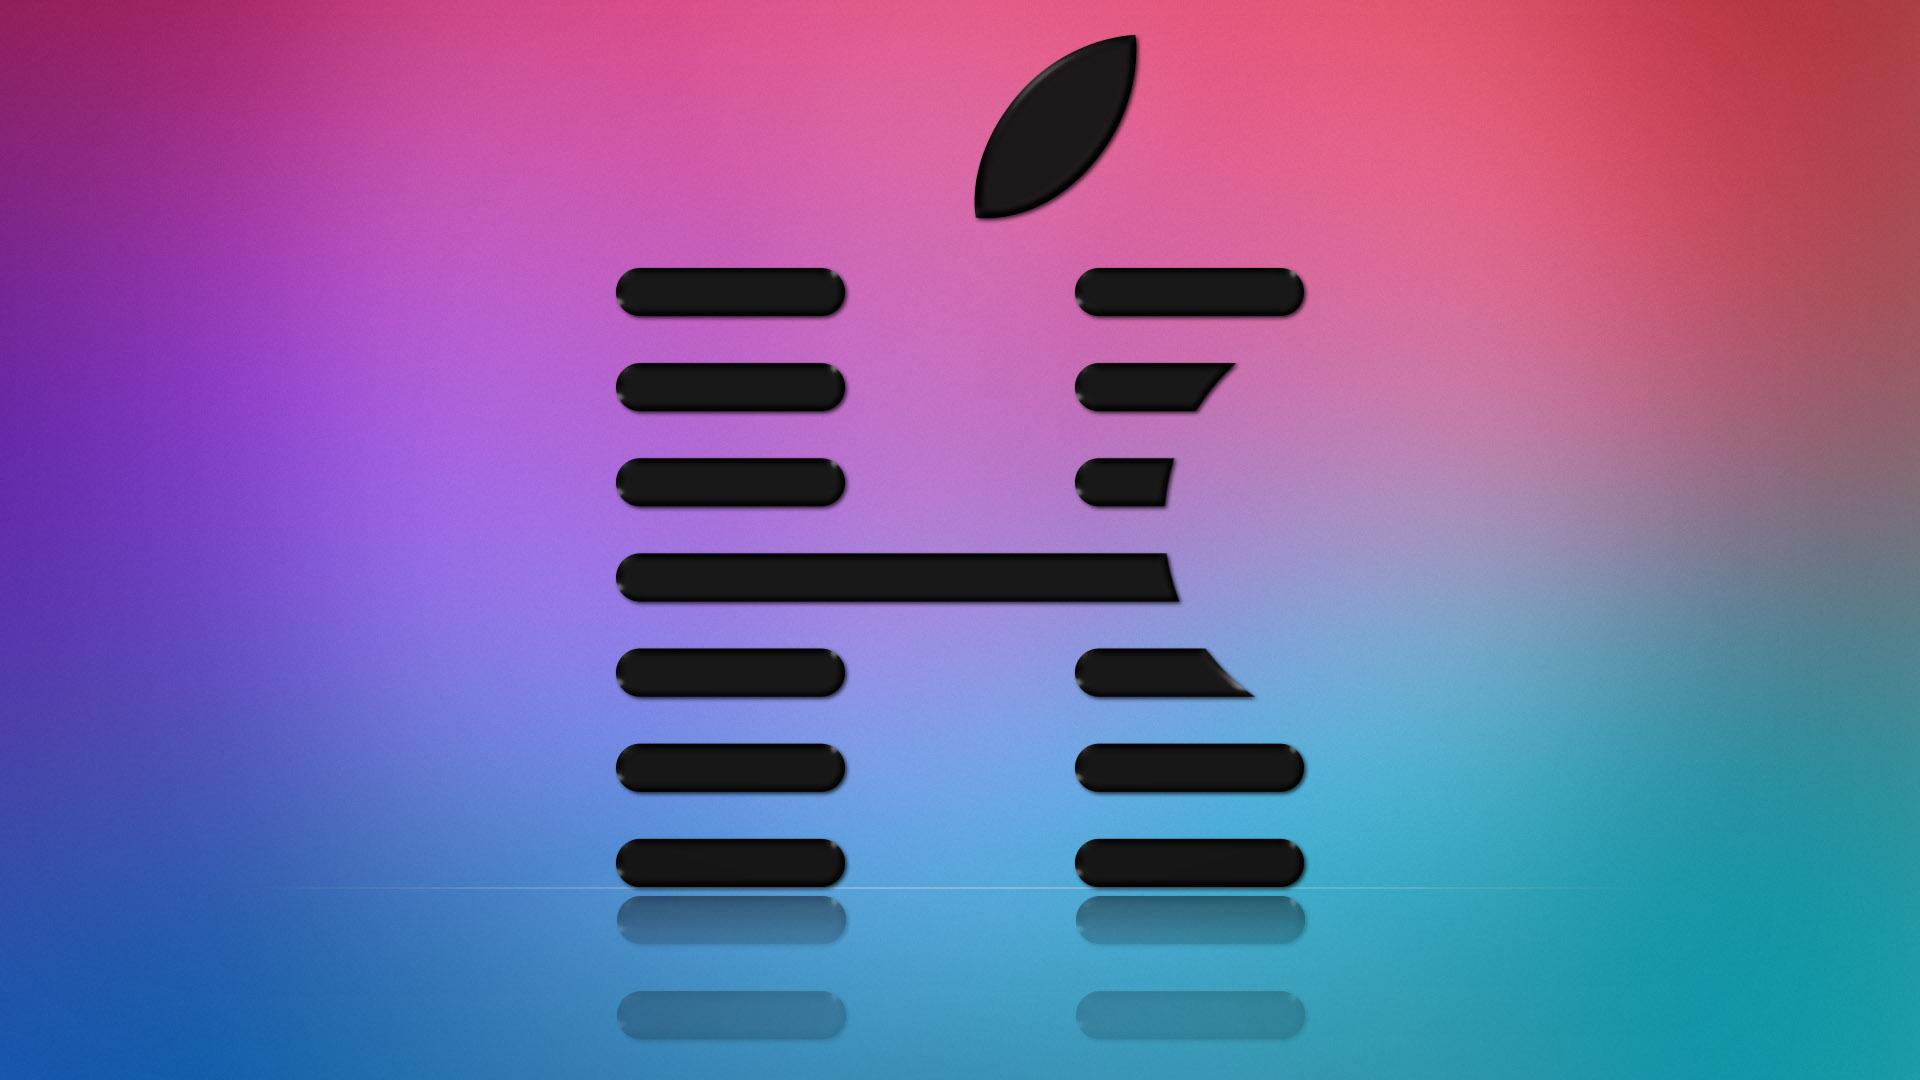 HWW_Apple-151023_v01.jpg